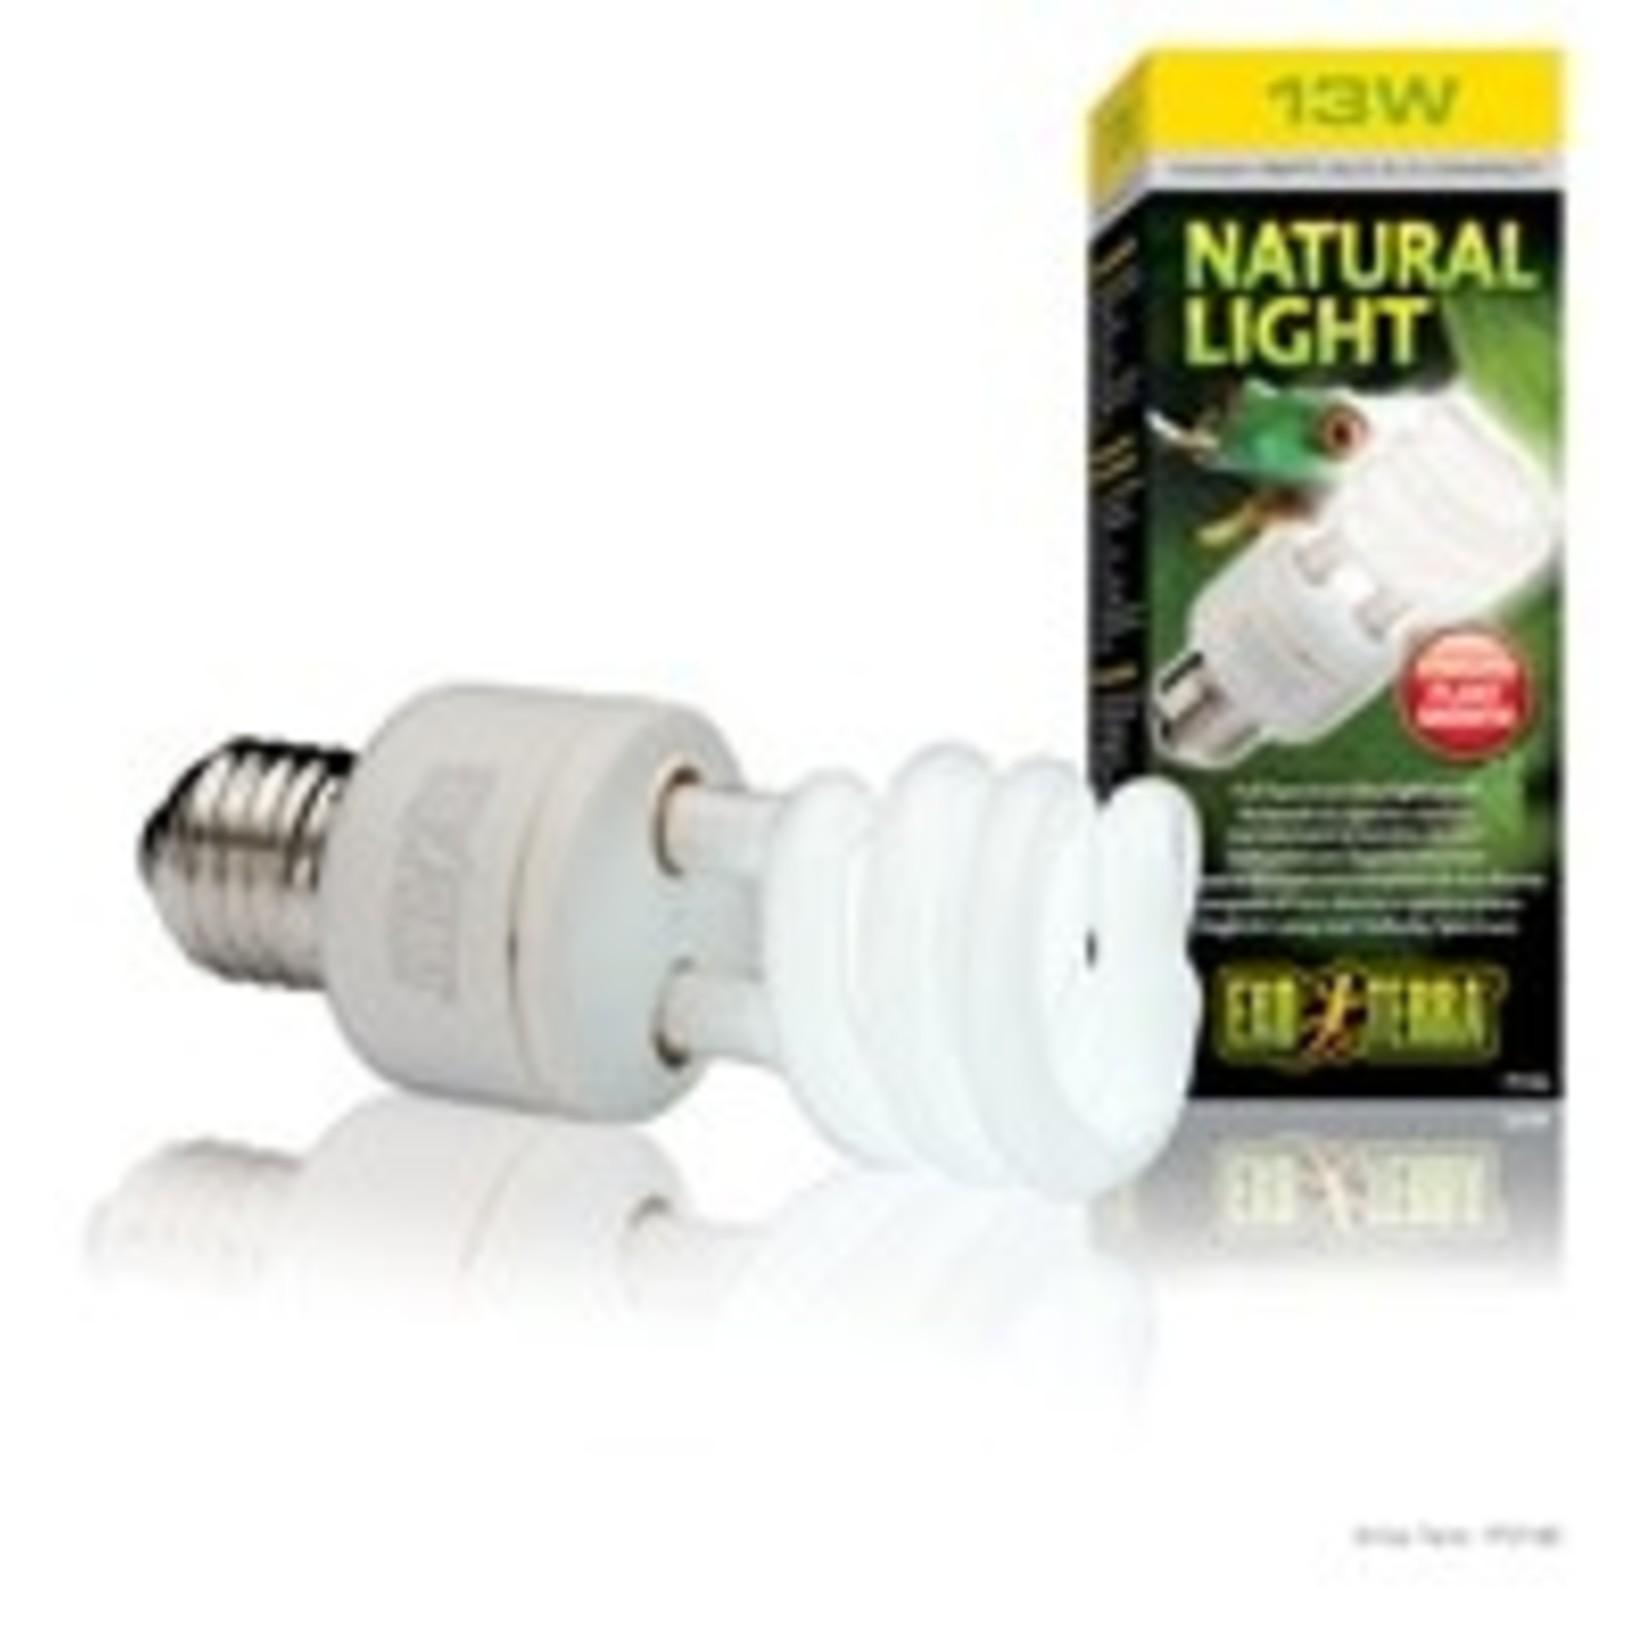 Exo Terra Natural Light Bulb